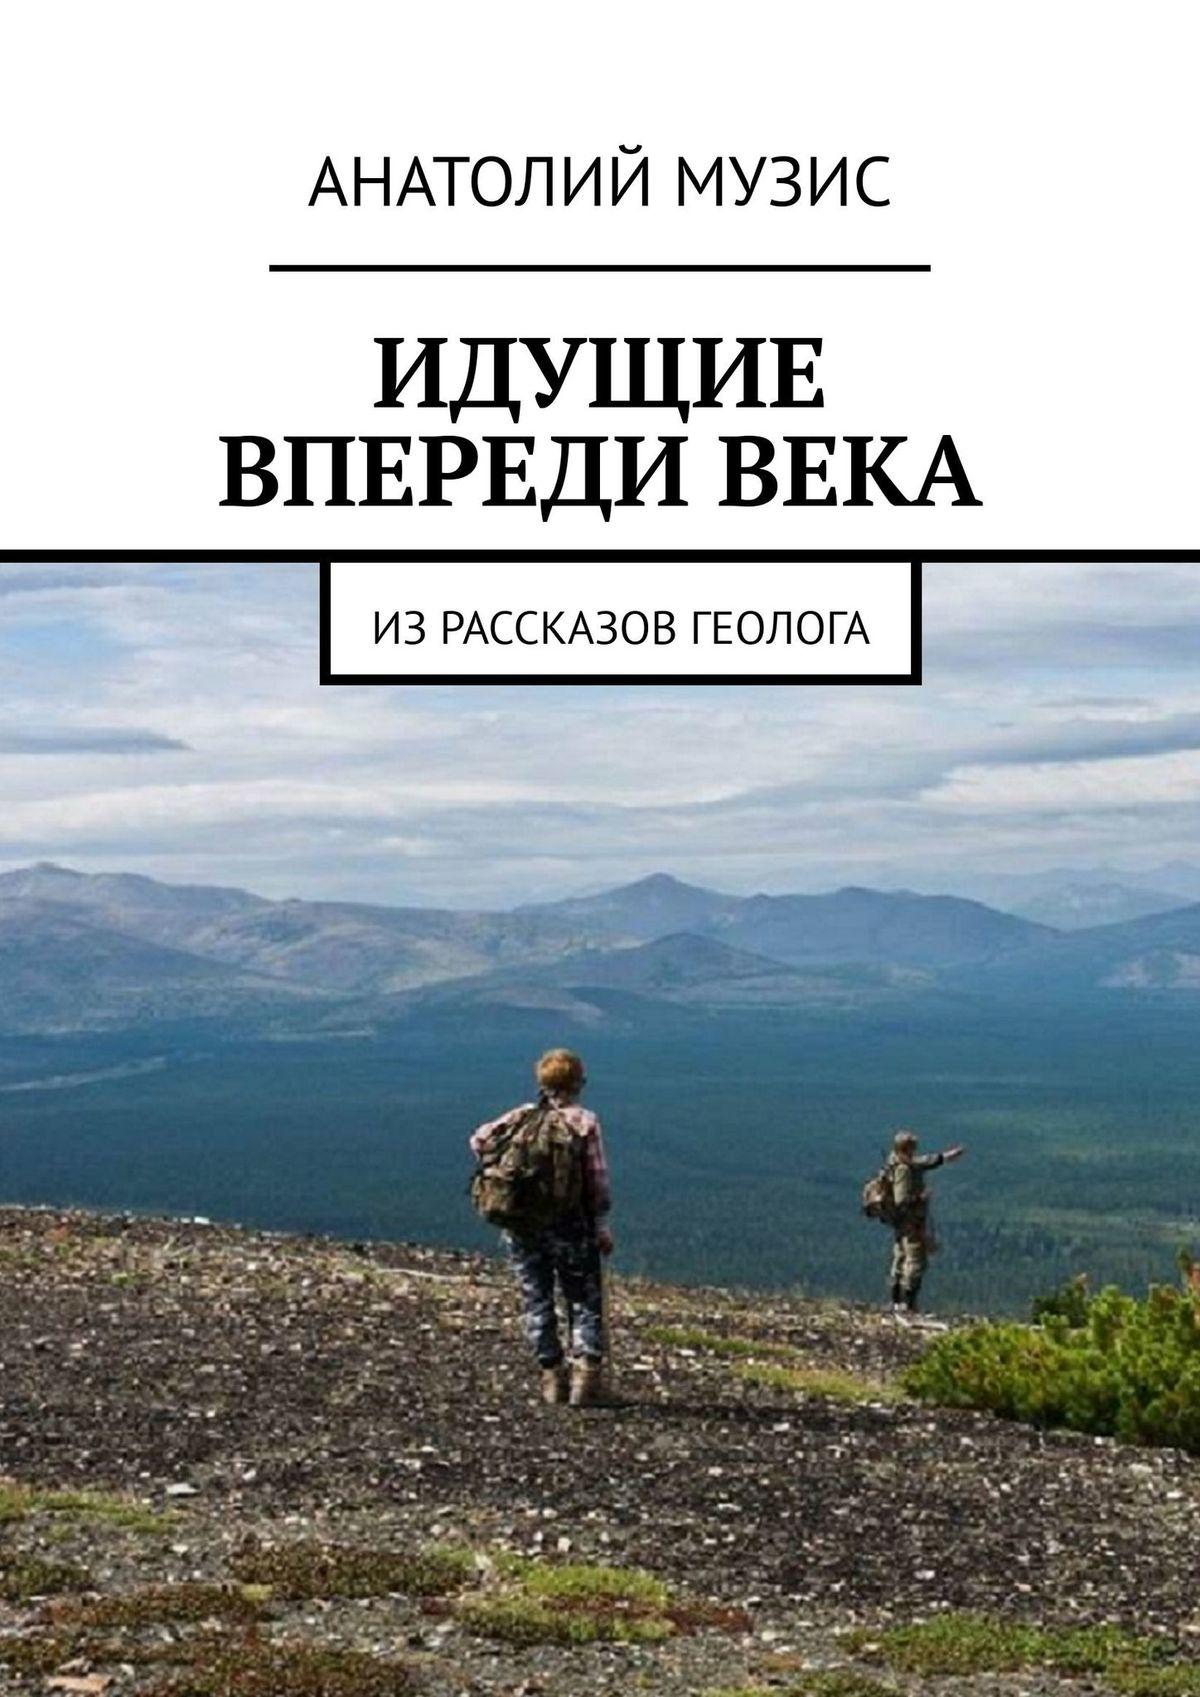 Обложка «Идущие впередивека. Израссказов геолога»